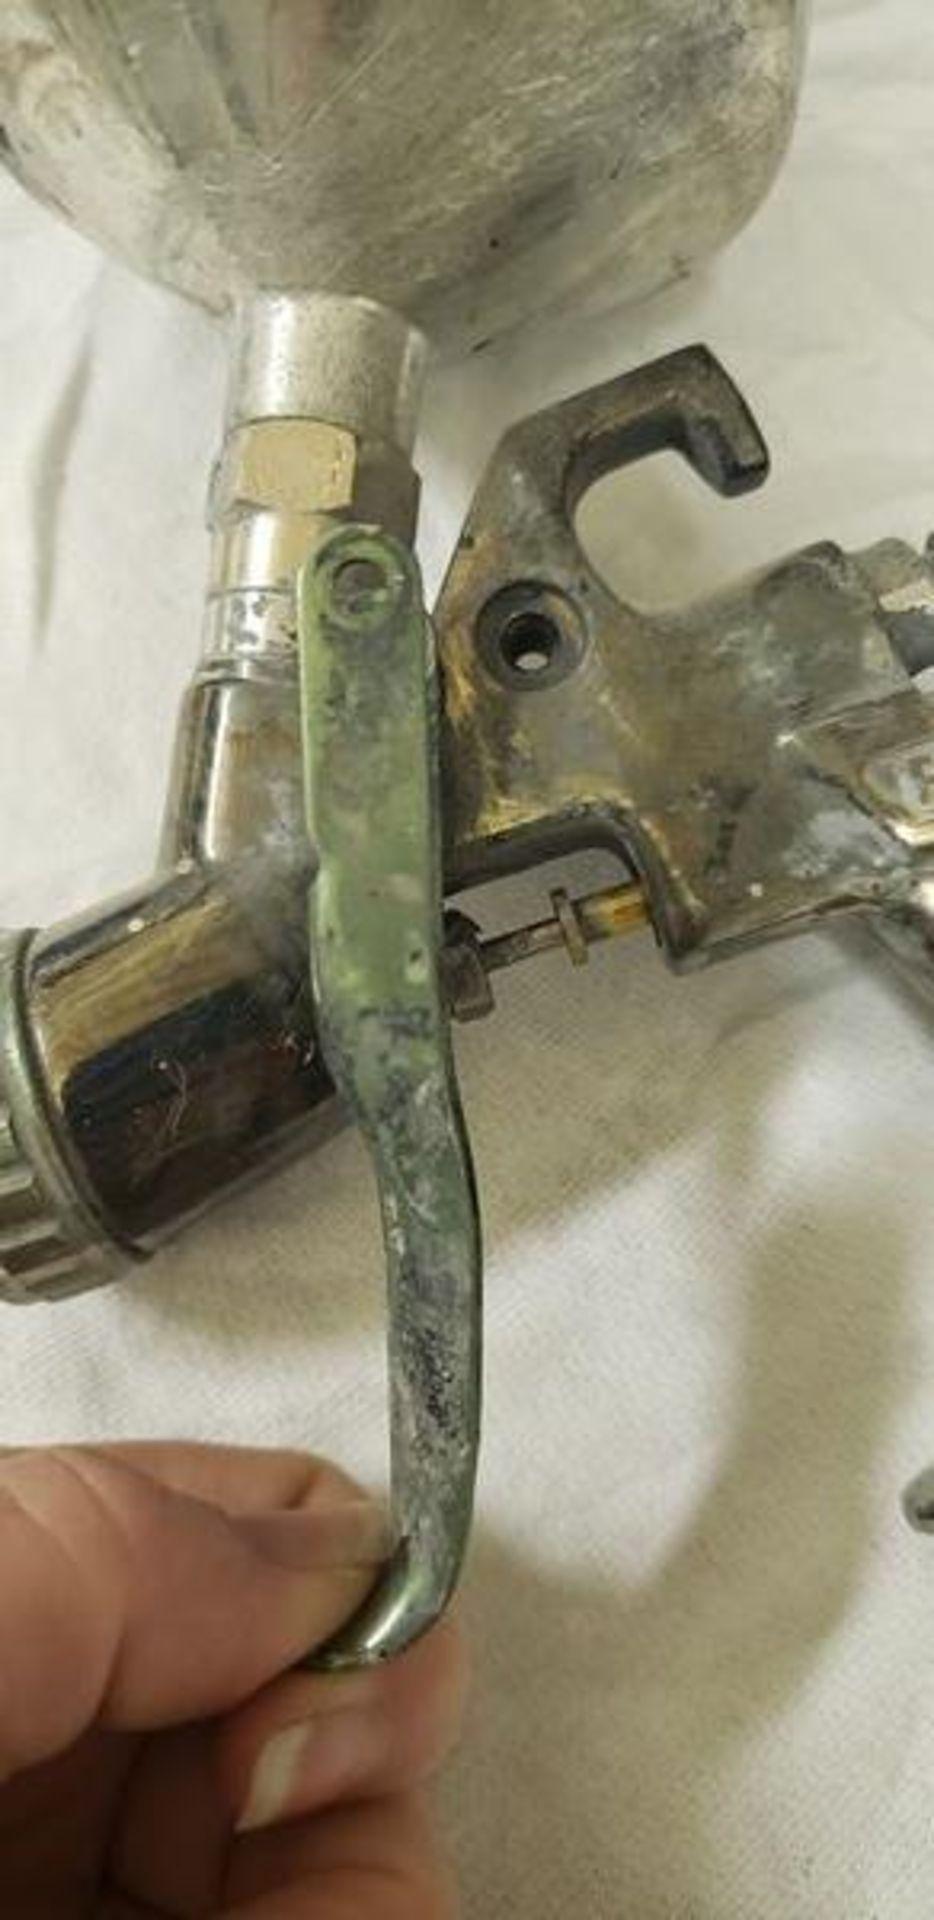 FX300 HVLP SPRAY GUN - Image 3 of 5